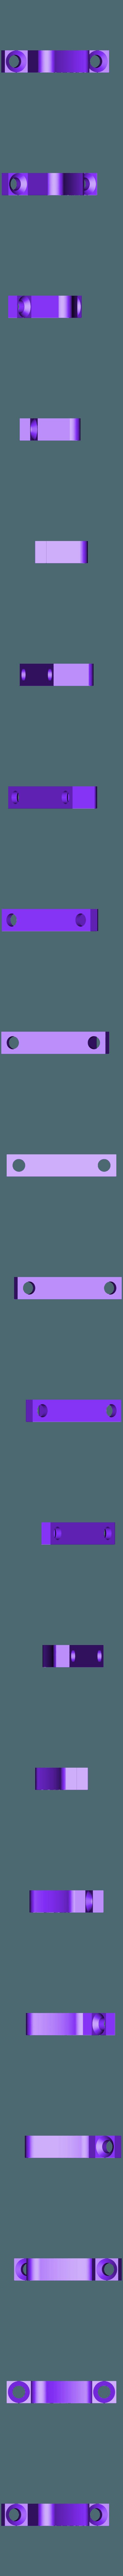 trigger_mount.stl Télécharger fichier STL gratuit EPIC 6 stage coilgun • Objet pour impression 3D, Gyro